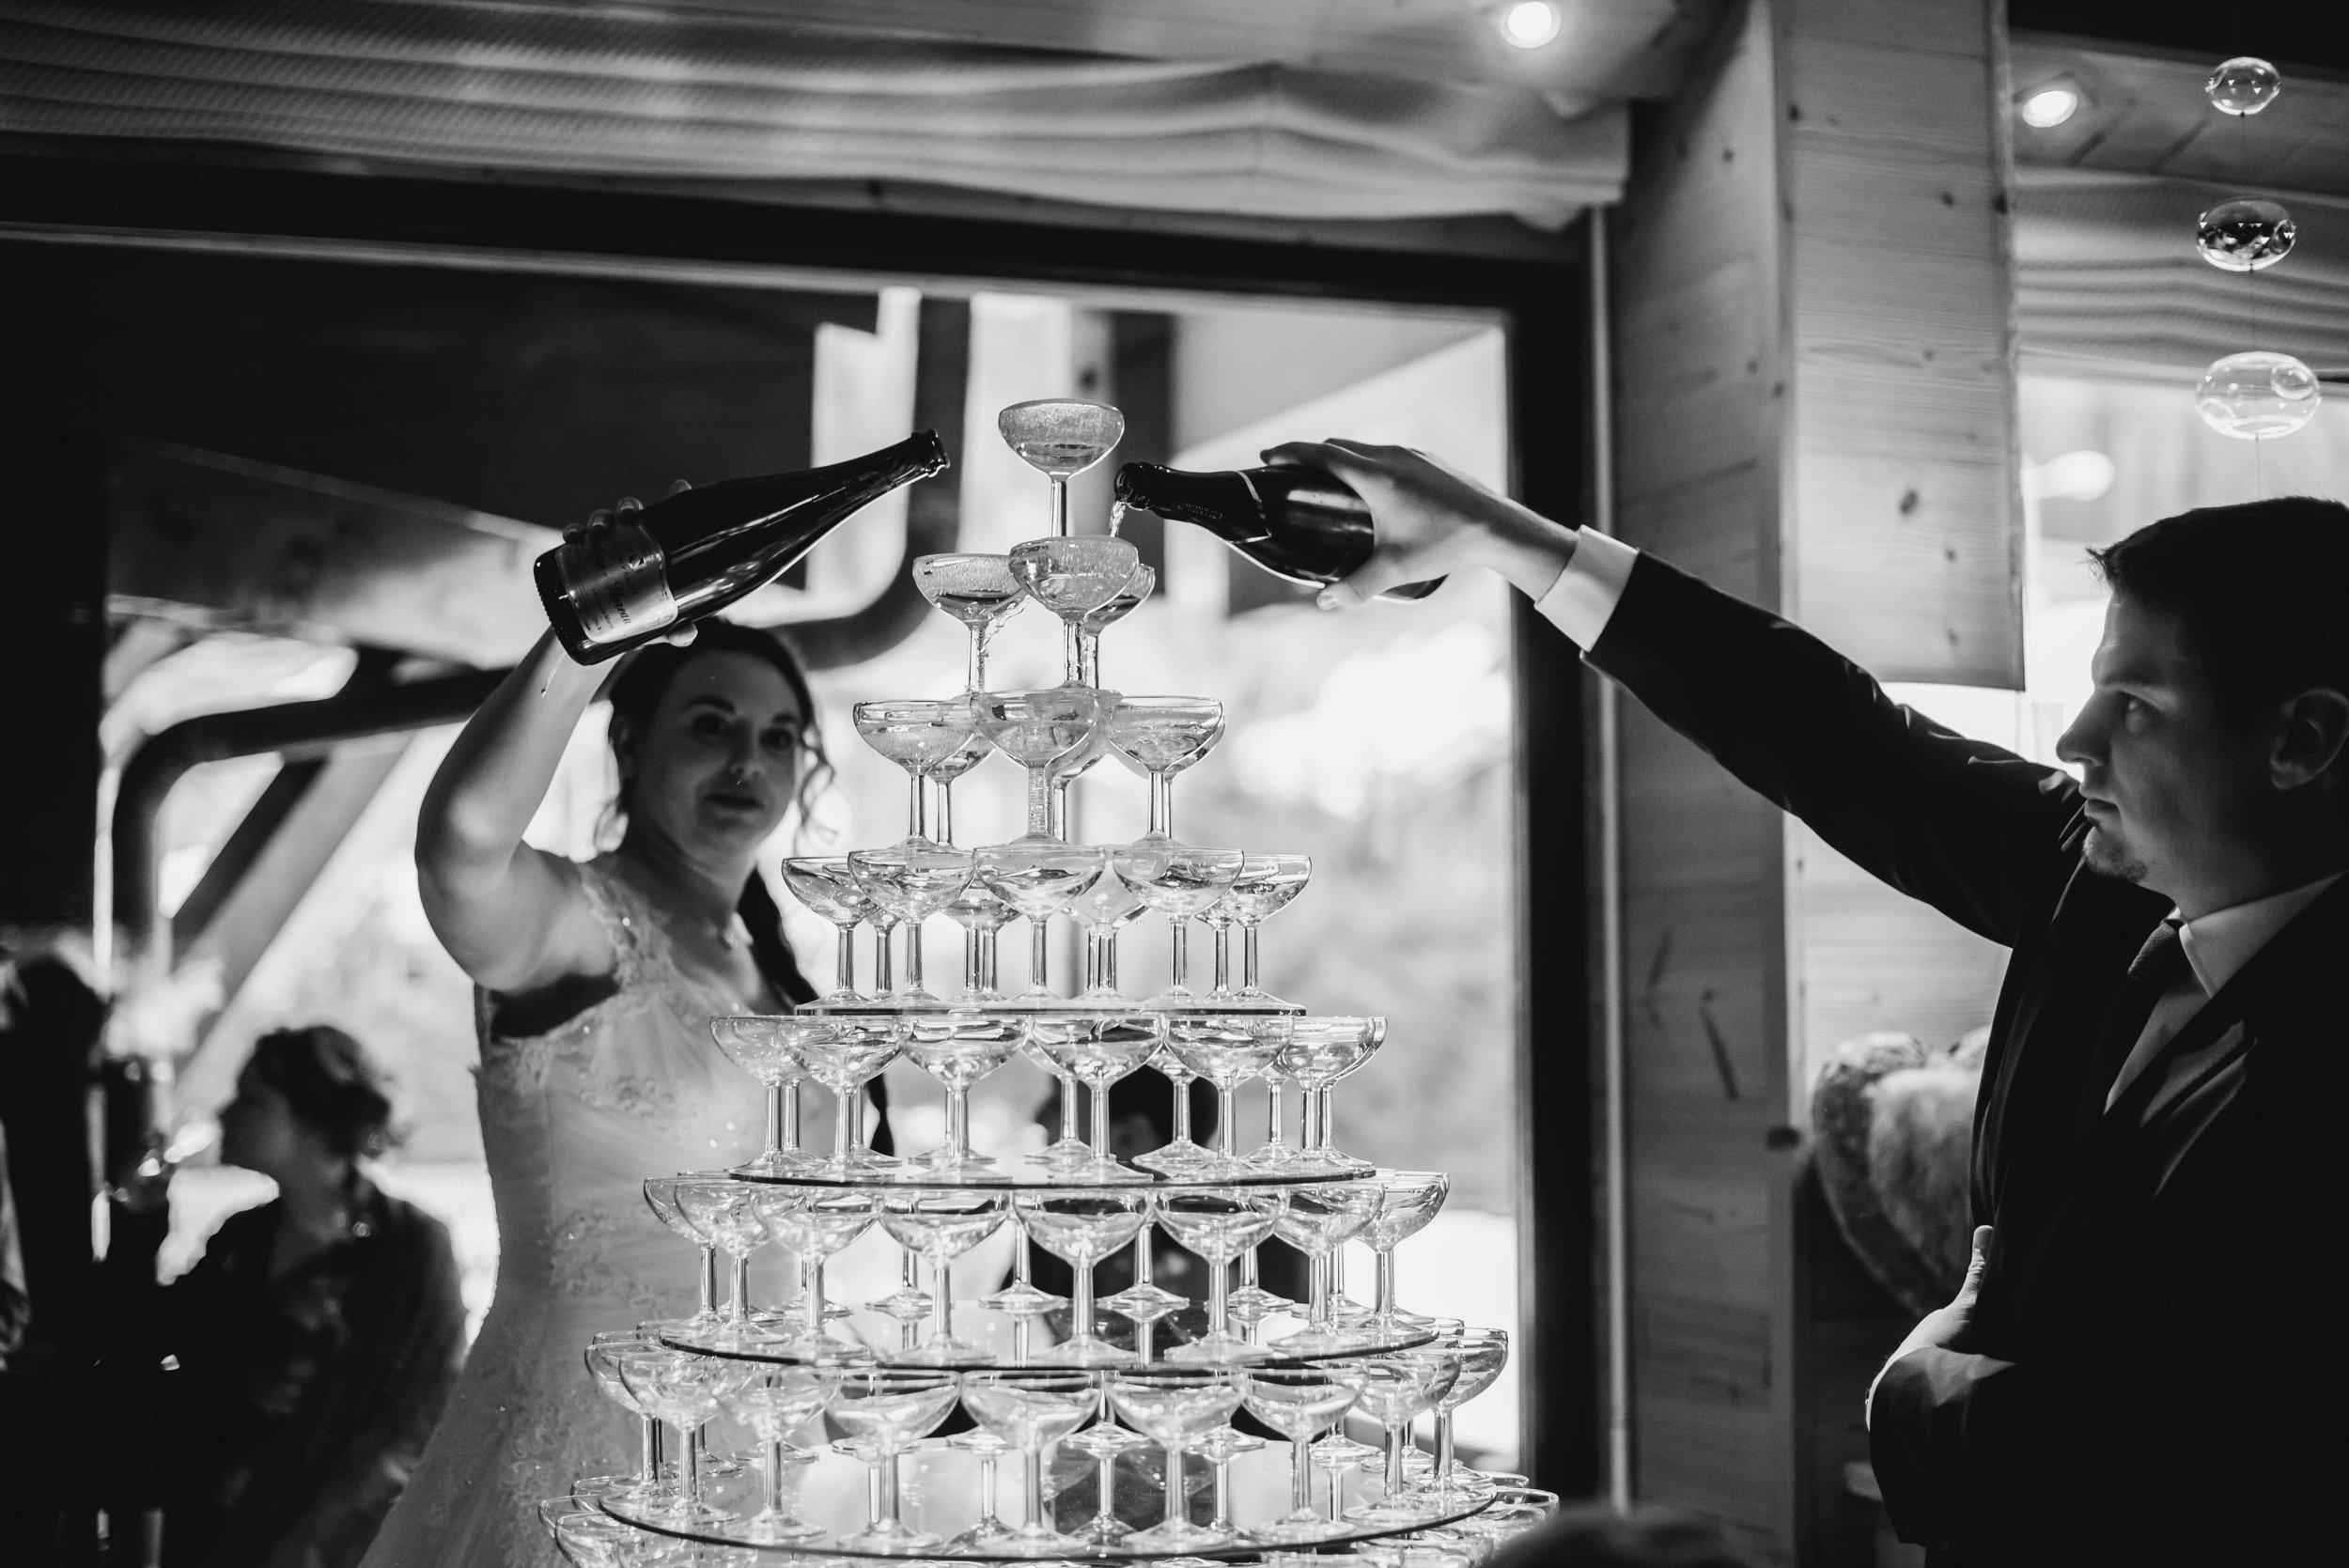 Léa-Fery-photographe-professionnel-lyon-rhone-alpes-portrait-mariage-couple-amour-lovesession-engagement-elopment-2987.jpg